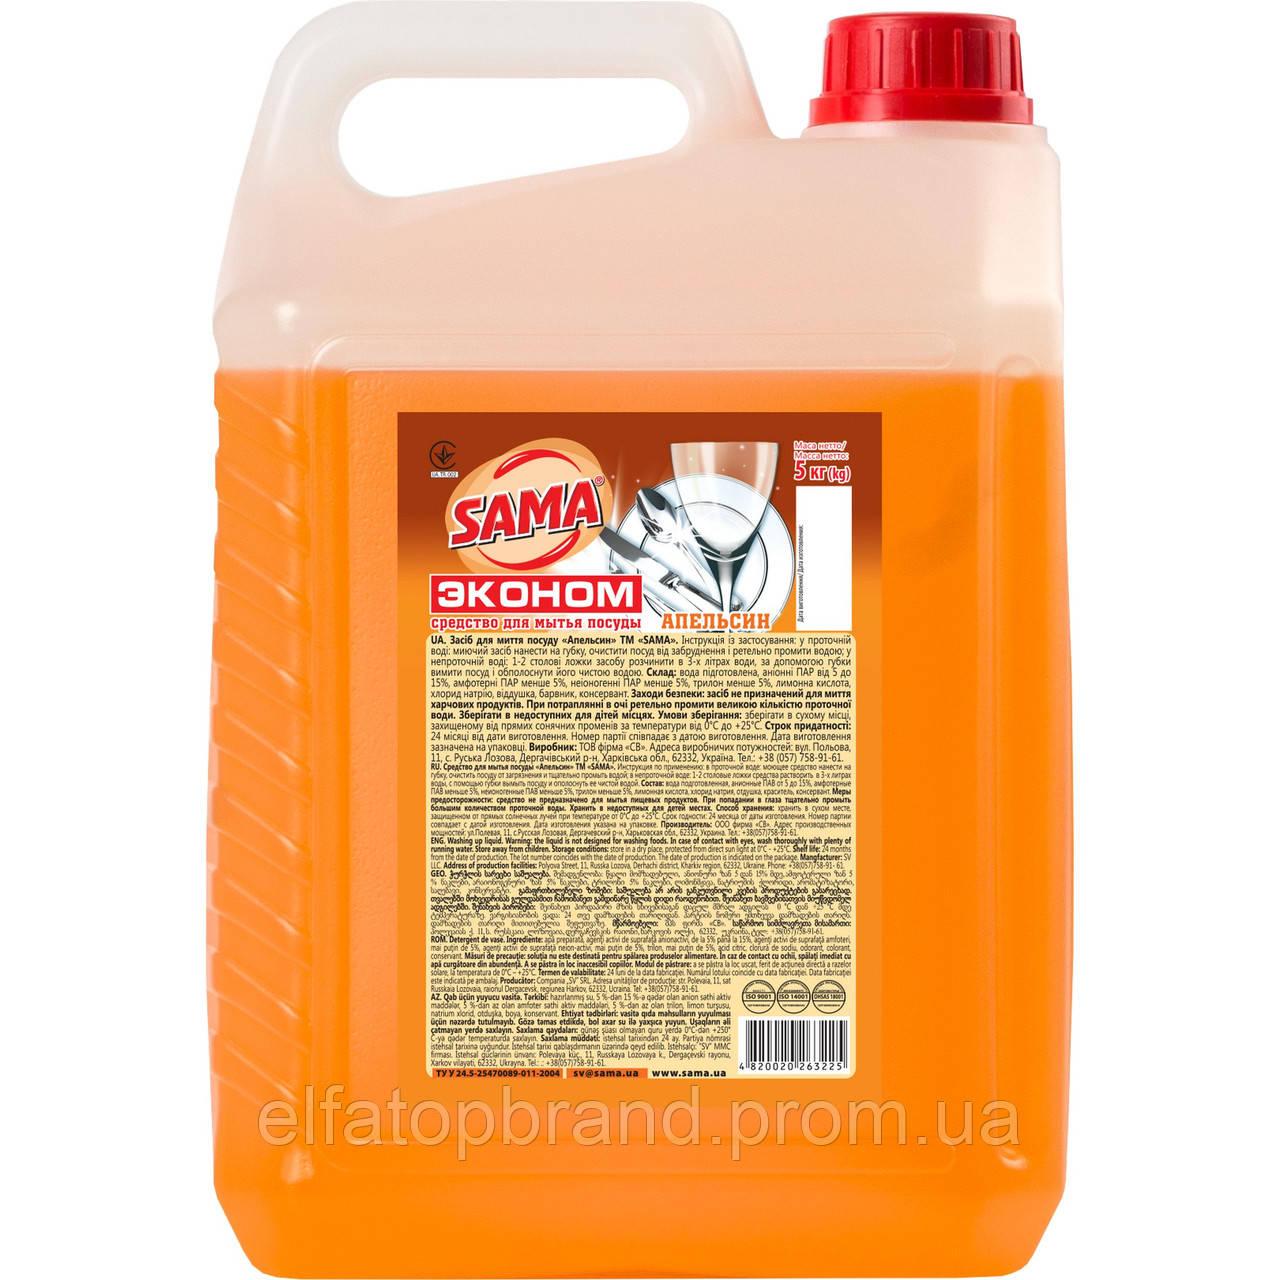 Средство Для Мытья Посуды ЭКОНОМ Канистра Апельсин 5 кг